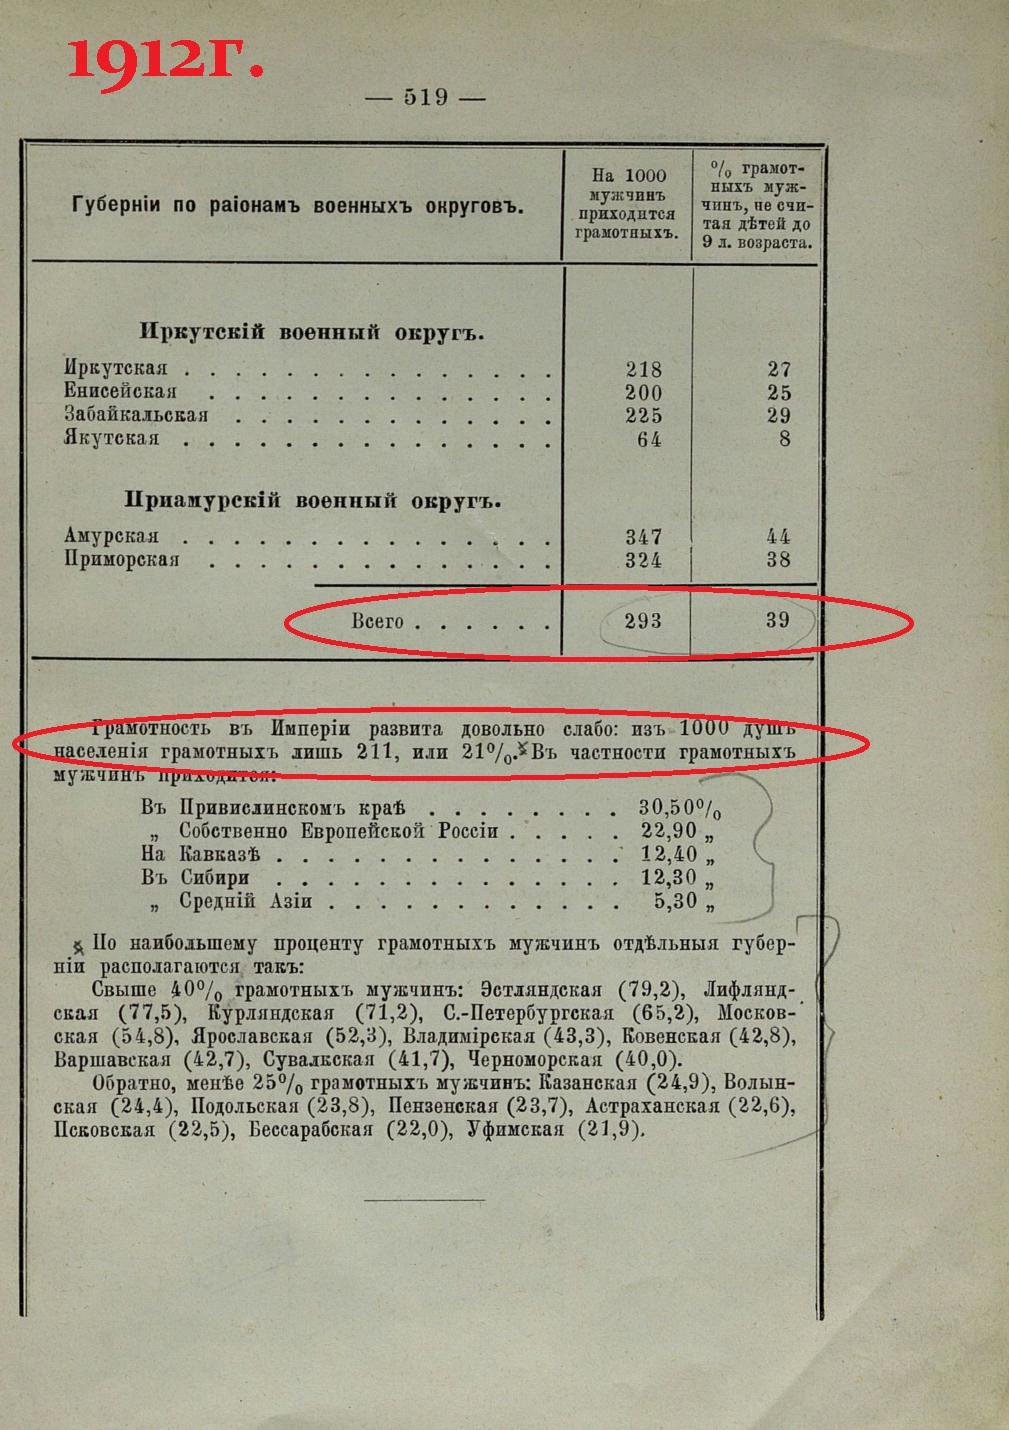 стр 519 Военно-статистический ежегодник за 1912г.